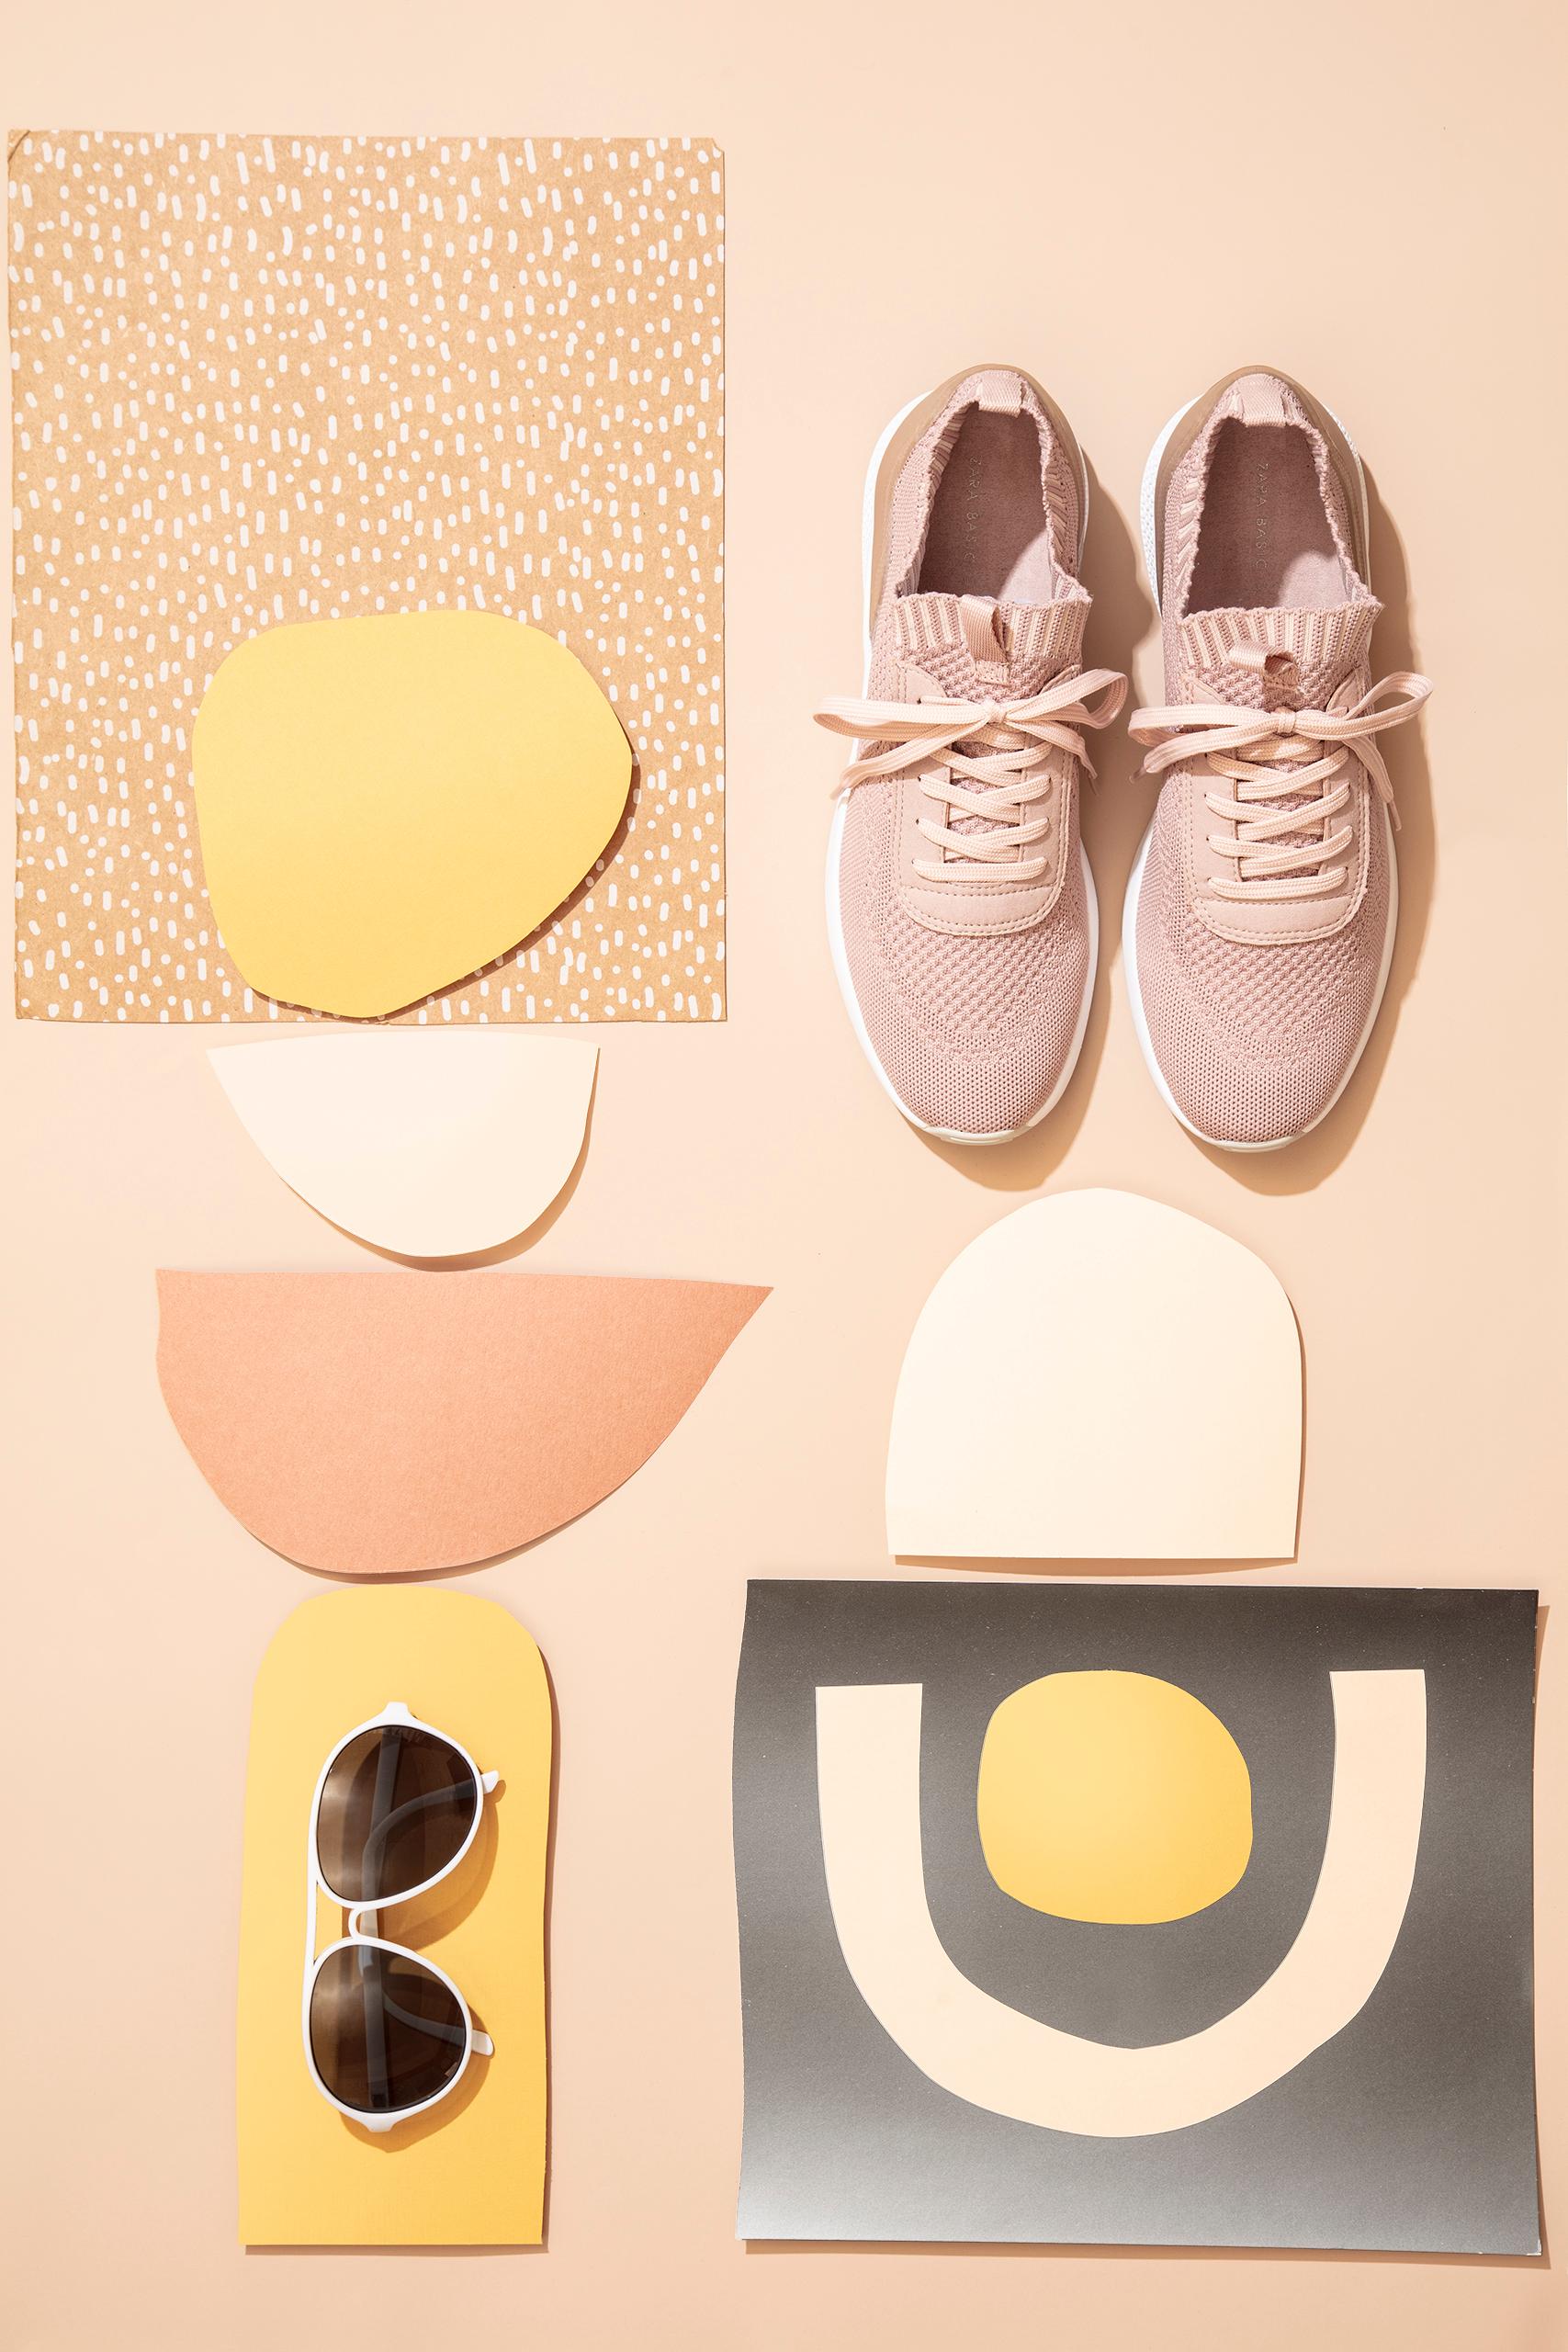 Geometric flat fashion  layout